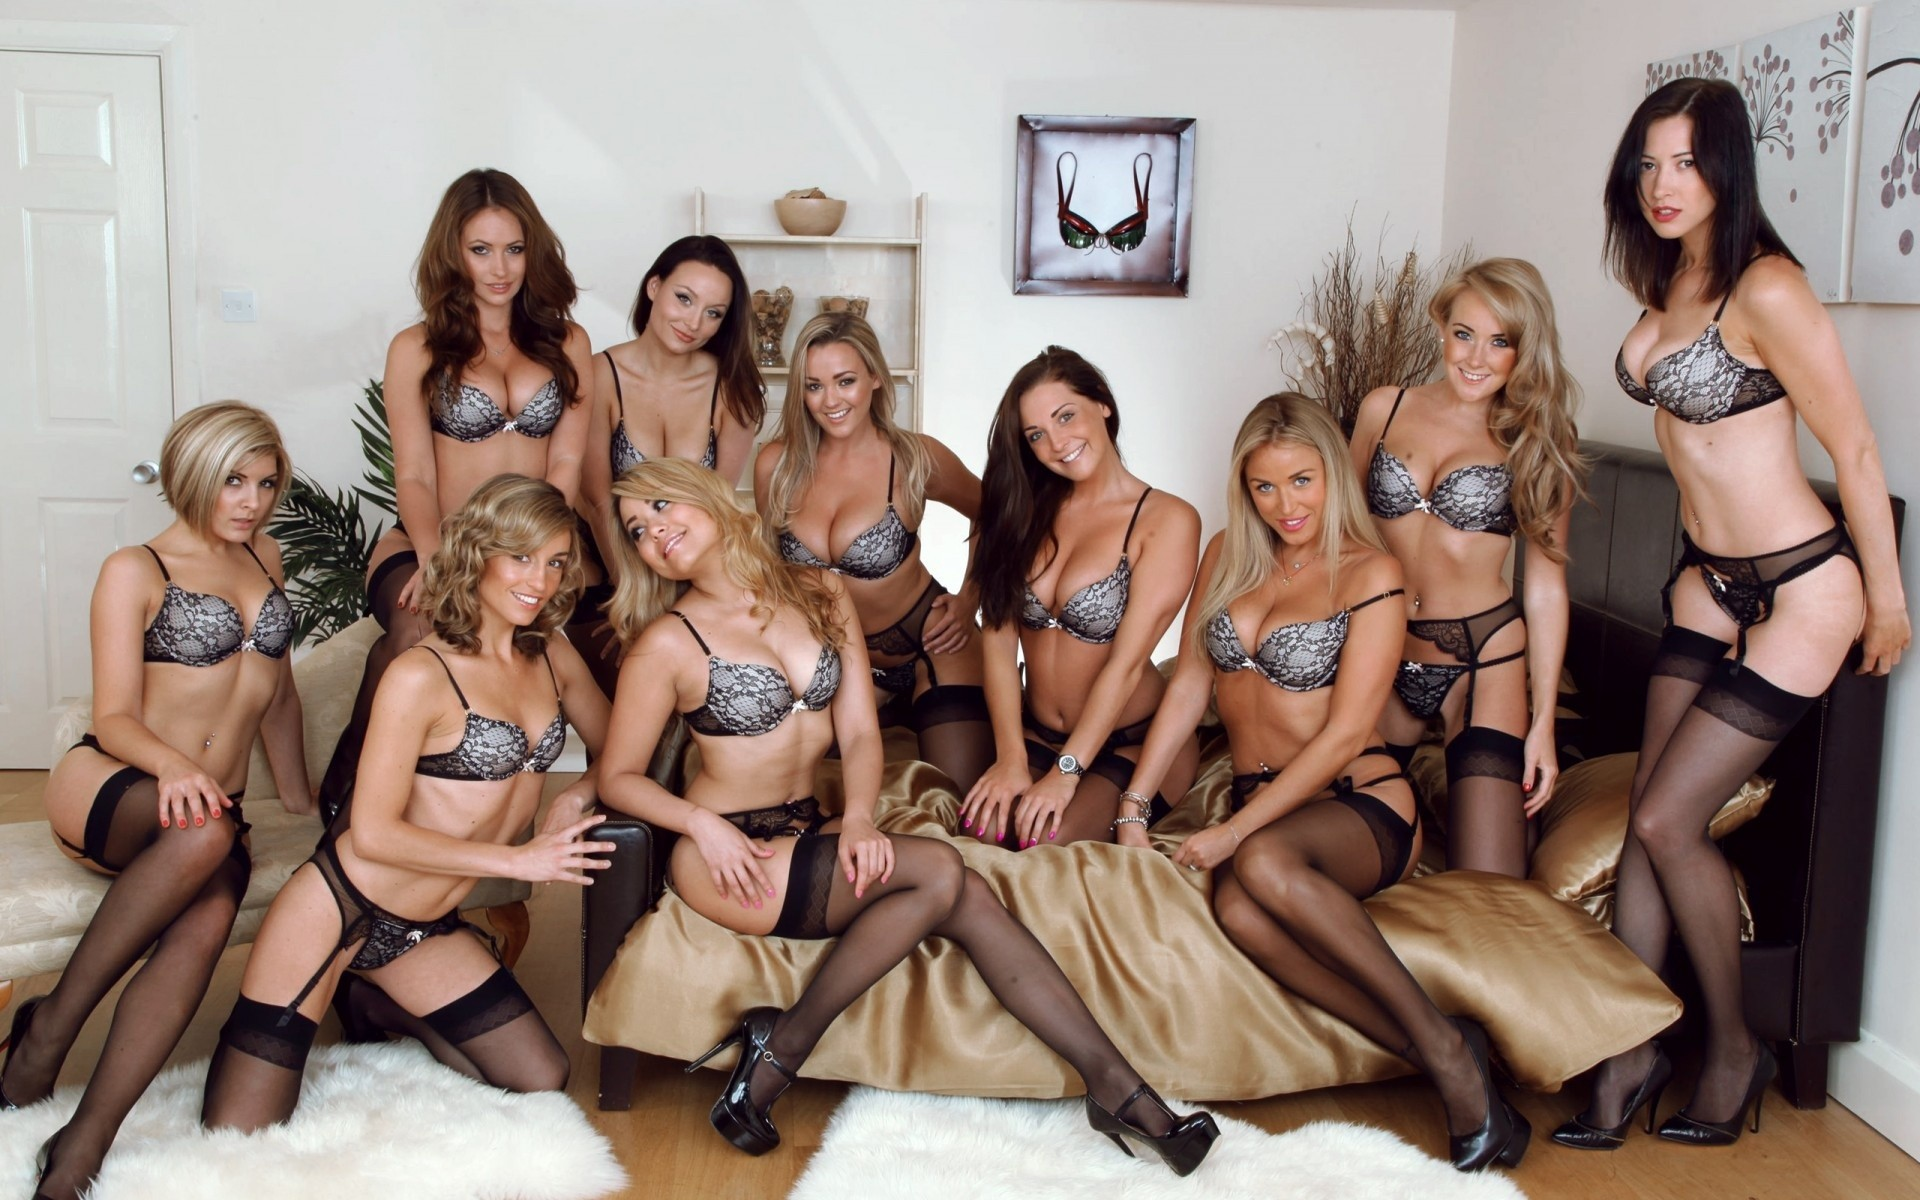 Сэкс смотреть девушка и девушка, Порно с молодыми. Молоденькие девушки и парни 8 фотография